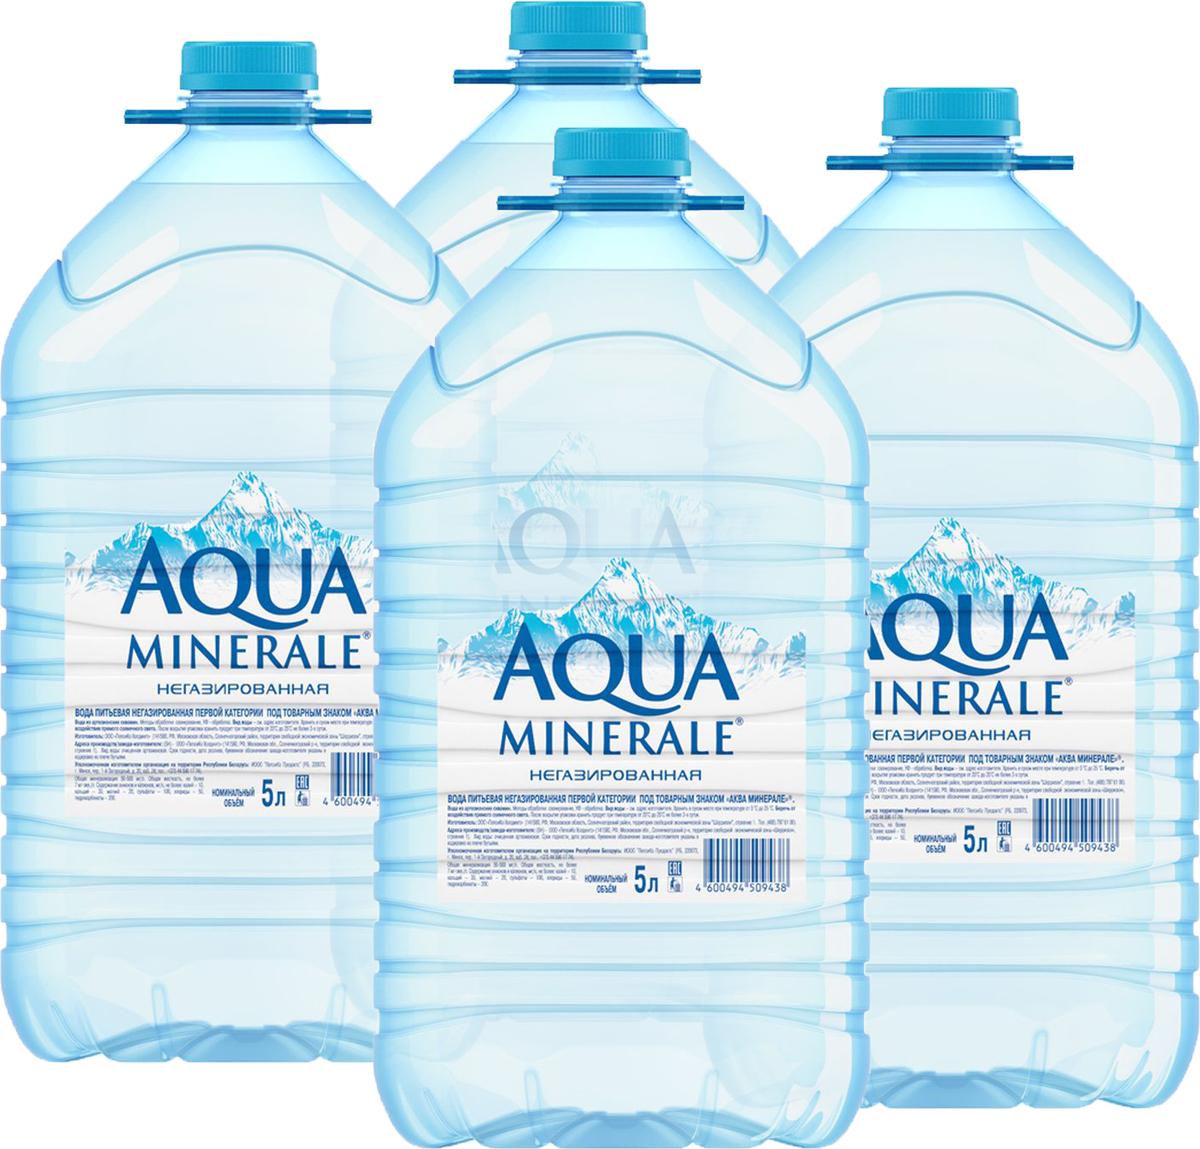 Aqua Minerale вода питьевая негазированная, 4 штук по 5 л aqua minerale с соком лимон напиток негазированный 0 6 л